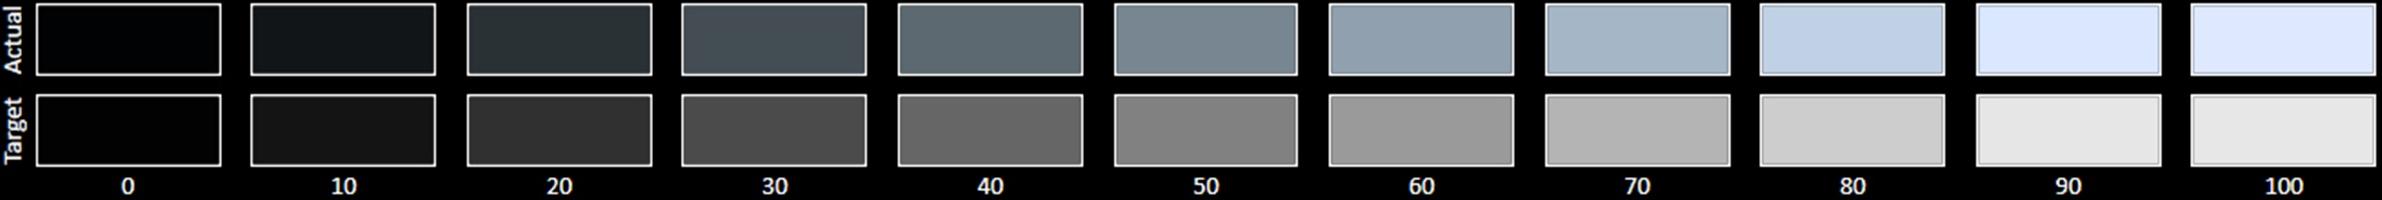 escala de cinza nokia 8